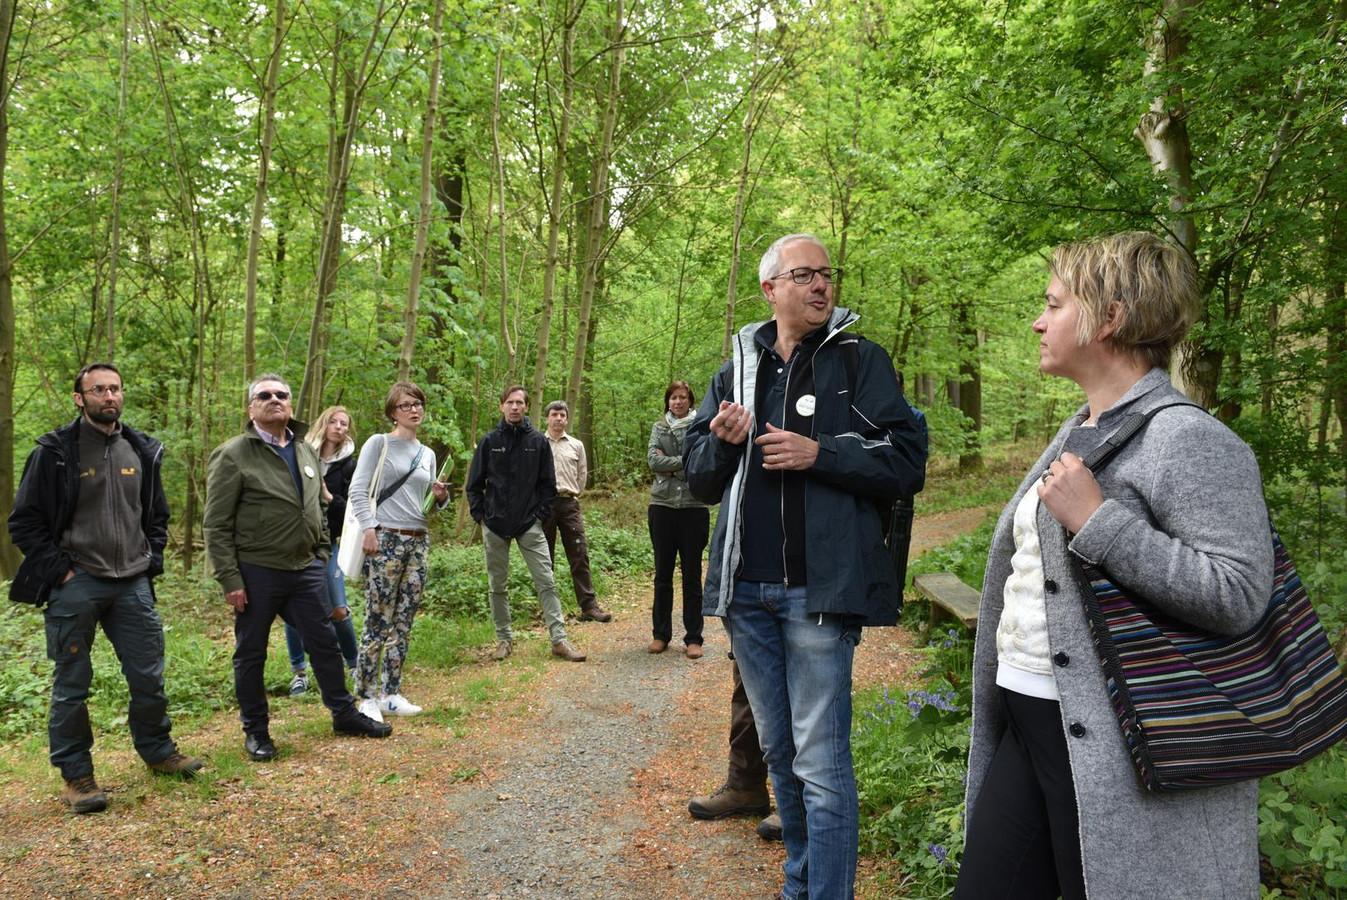 Wandelcoach en loopbaanbegeleider Luc Mastelinck loodste Joke Schauvliege gisteren door het Kluisbos.